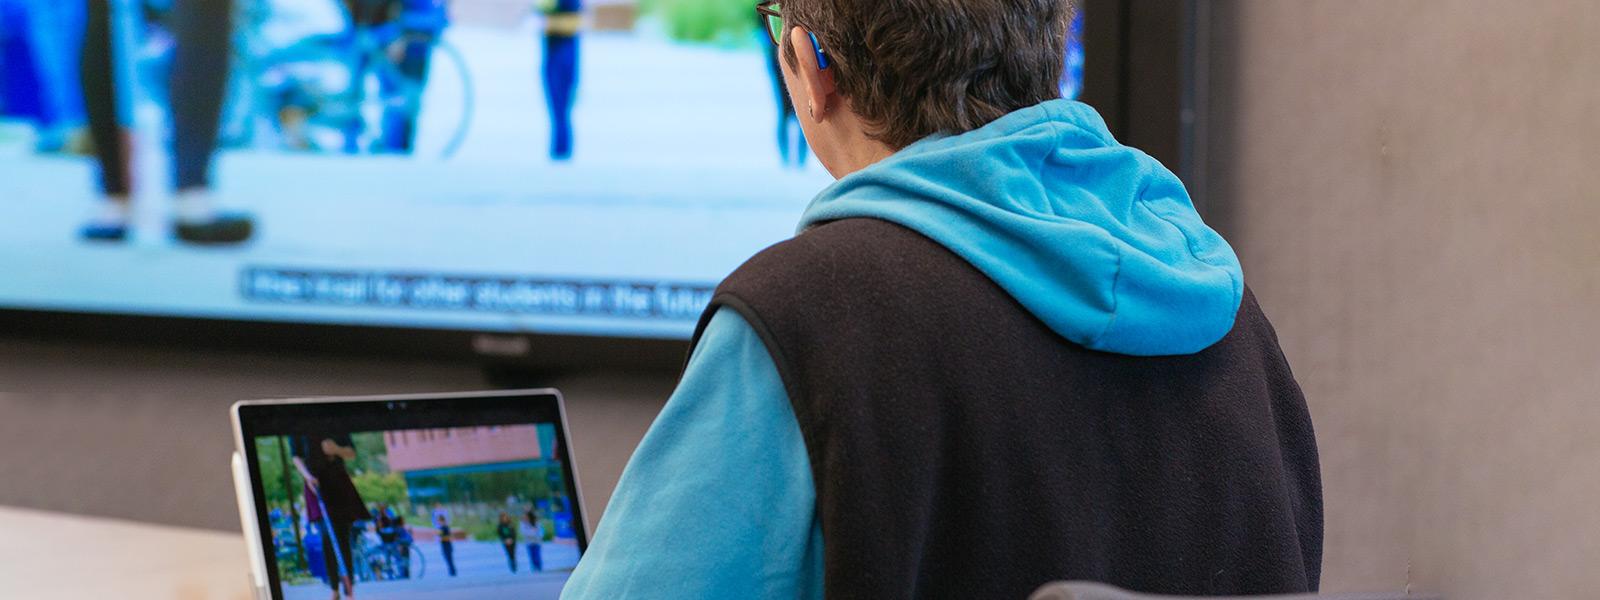 Μια γυναίκα που χρησιμοποιεί ένα ακουστικό, παρακολουθεί μια παρουσίαση βίντεο με υπότιτλους